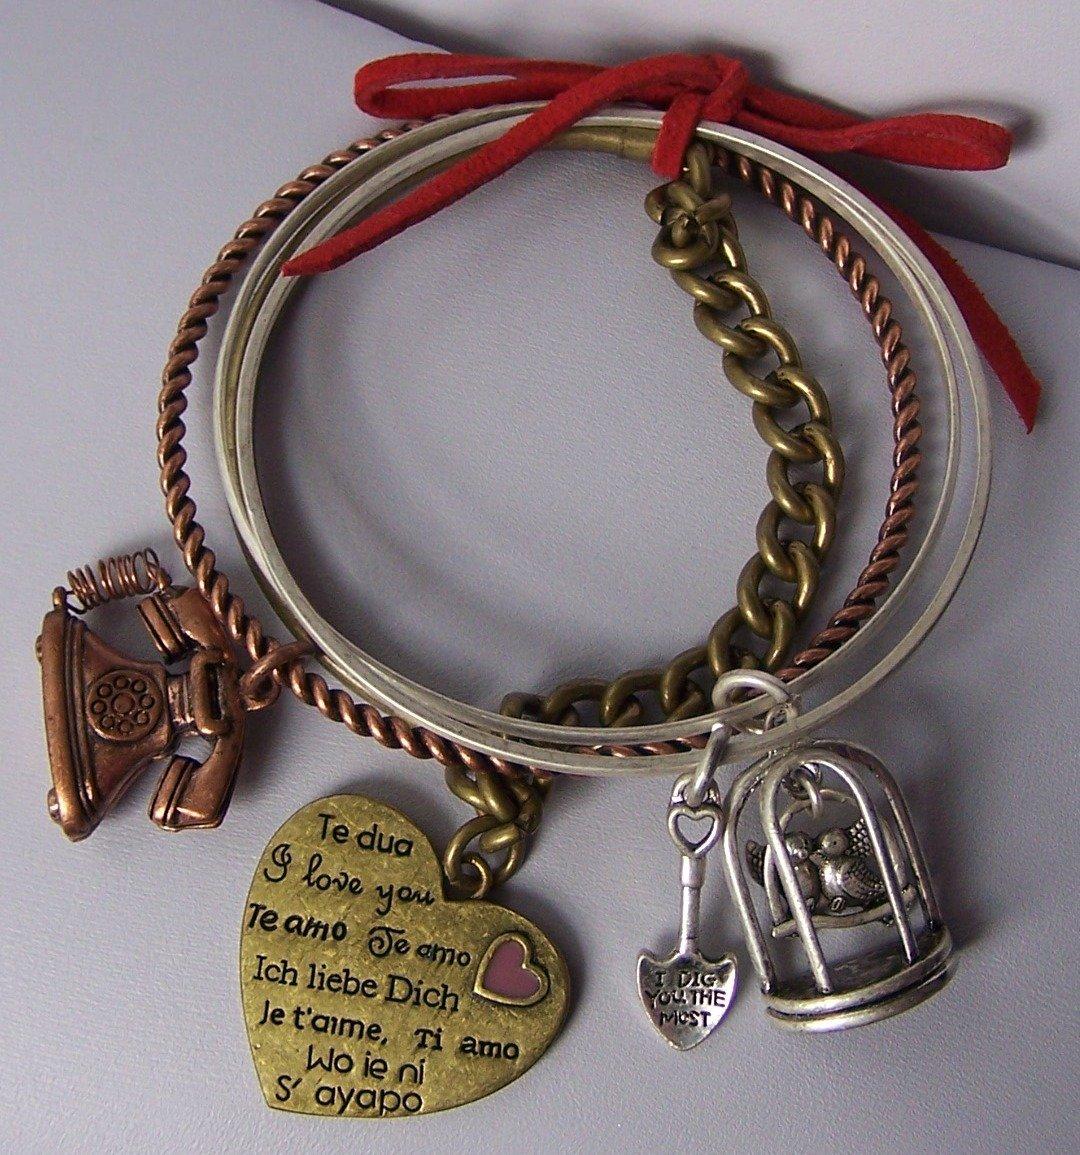 Te Quiero Ich Liebe Dich Heart Love Valentines Day Bangle Bracelet